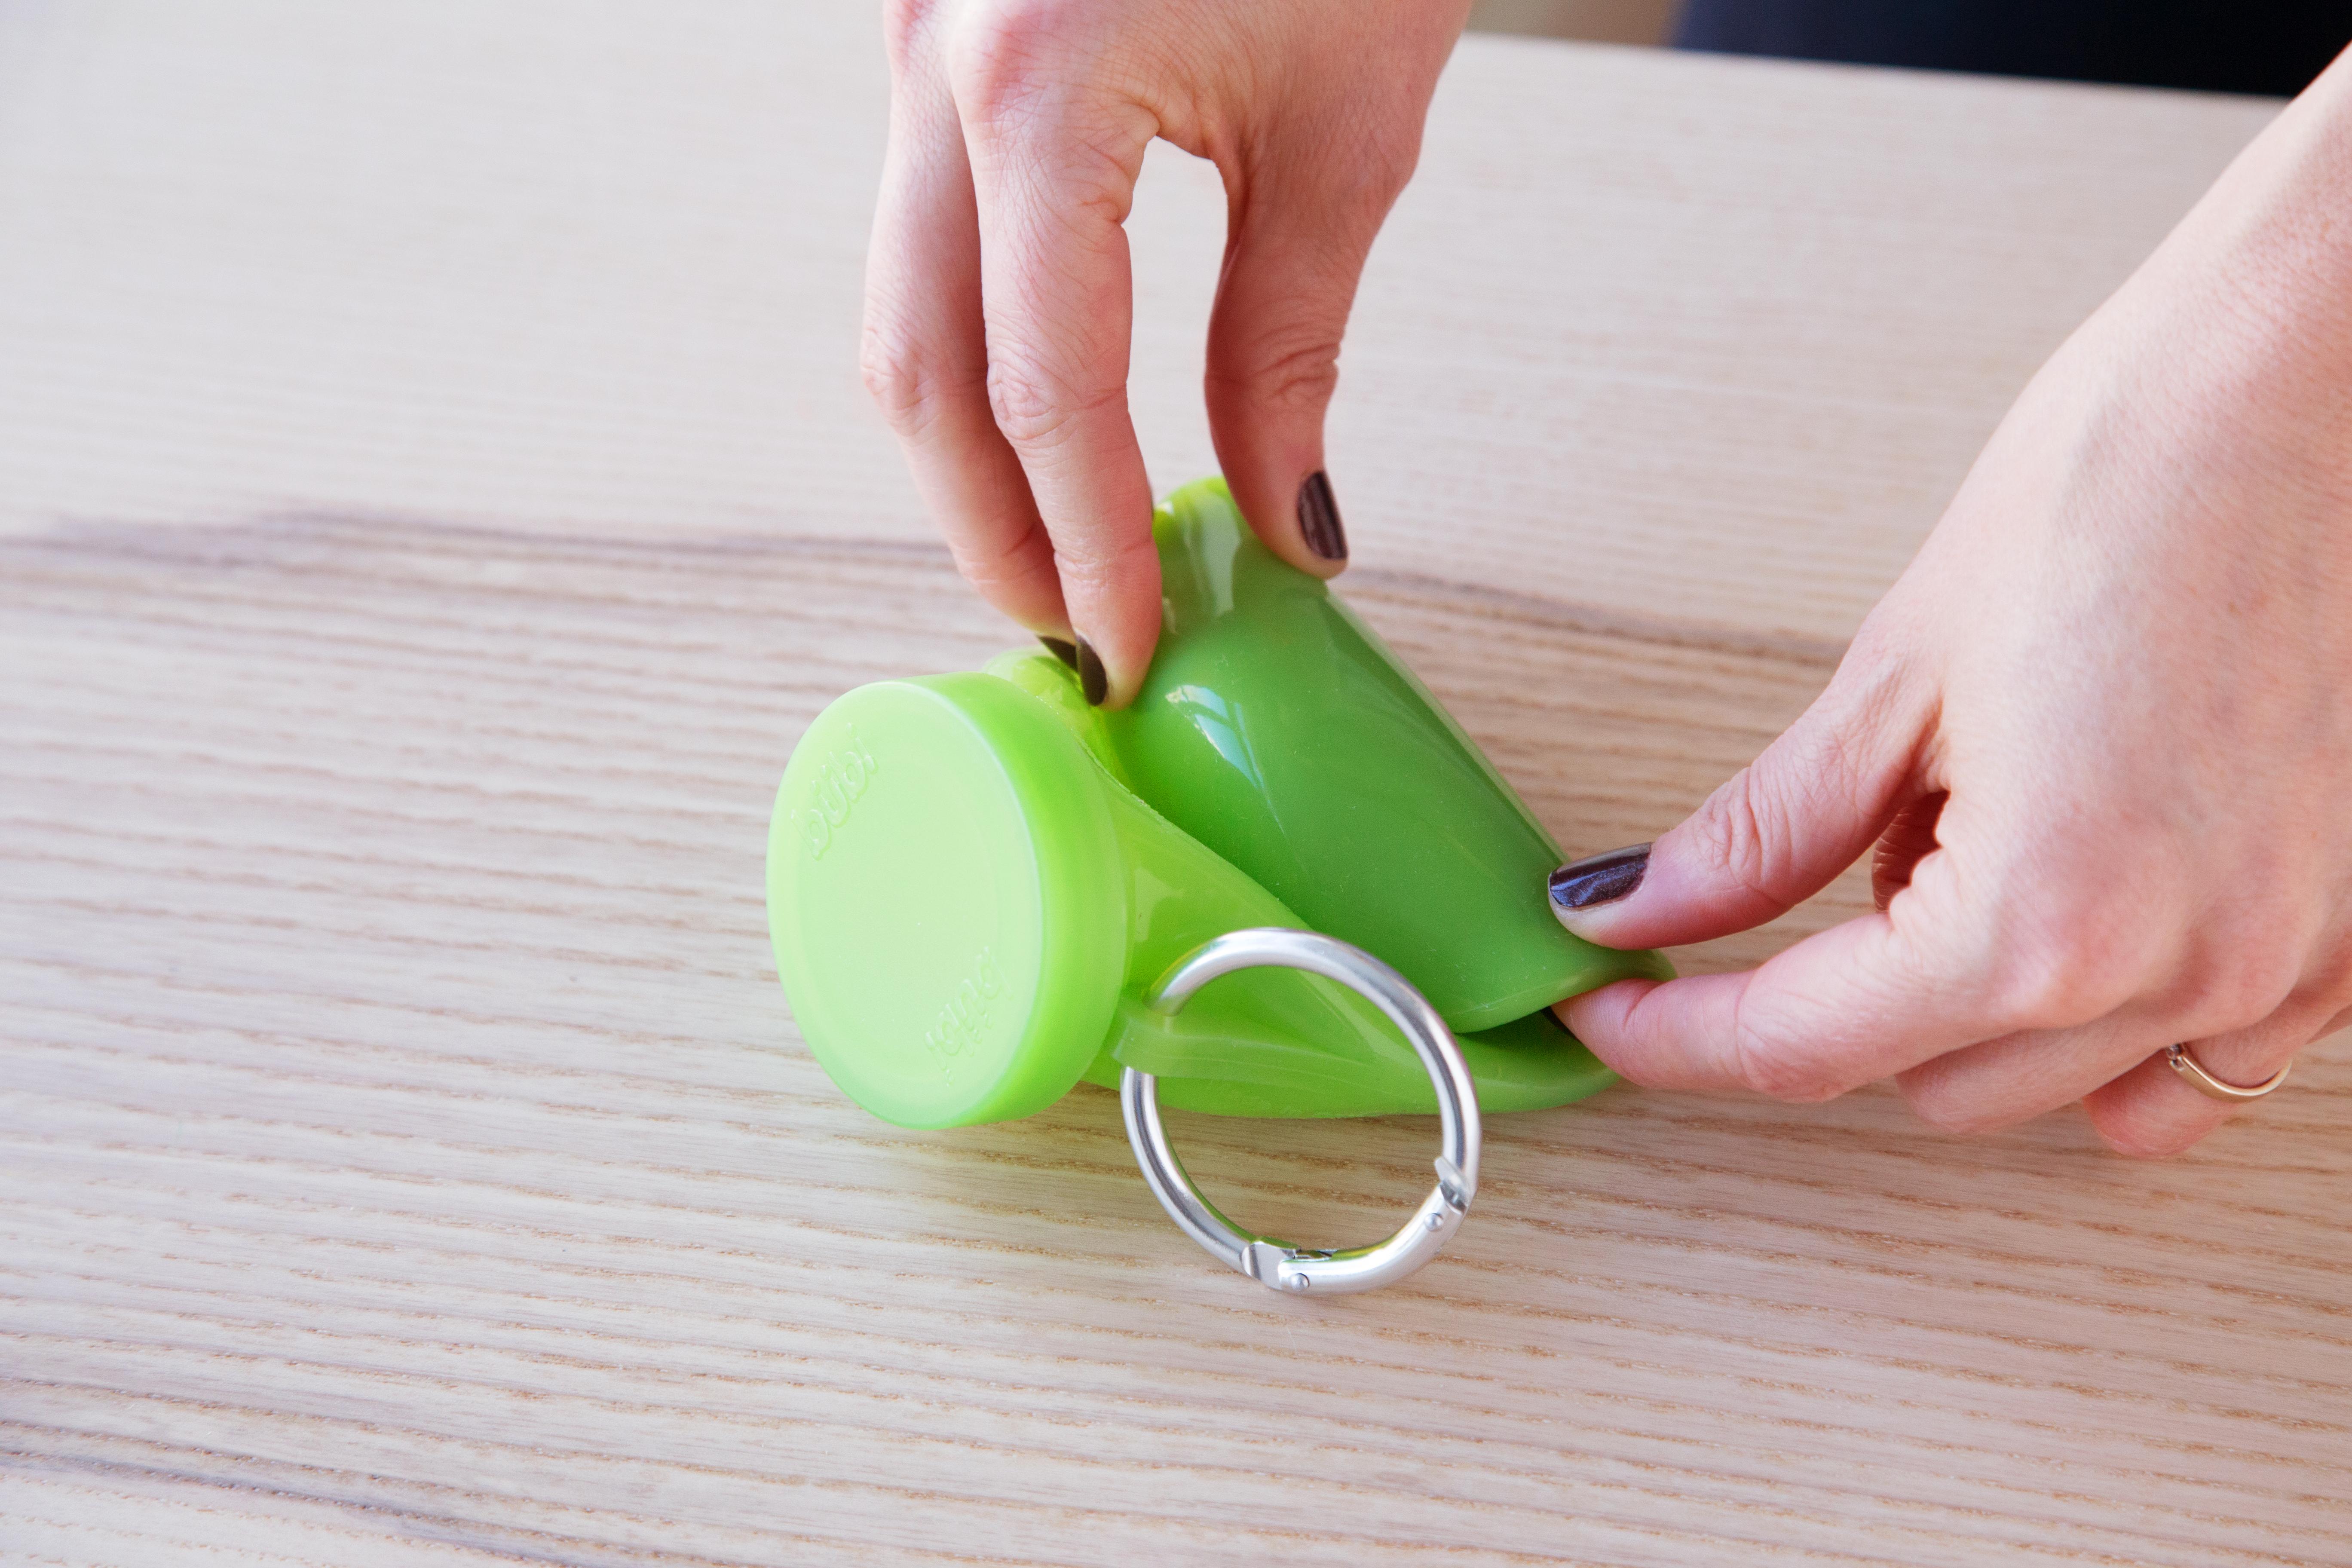 A woman is seen rolling a green bubi water bottle